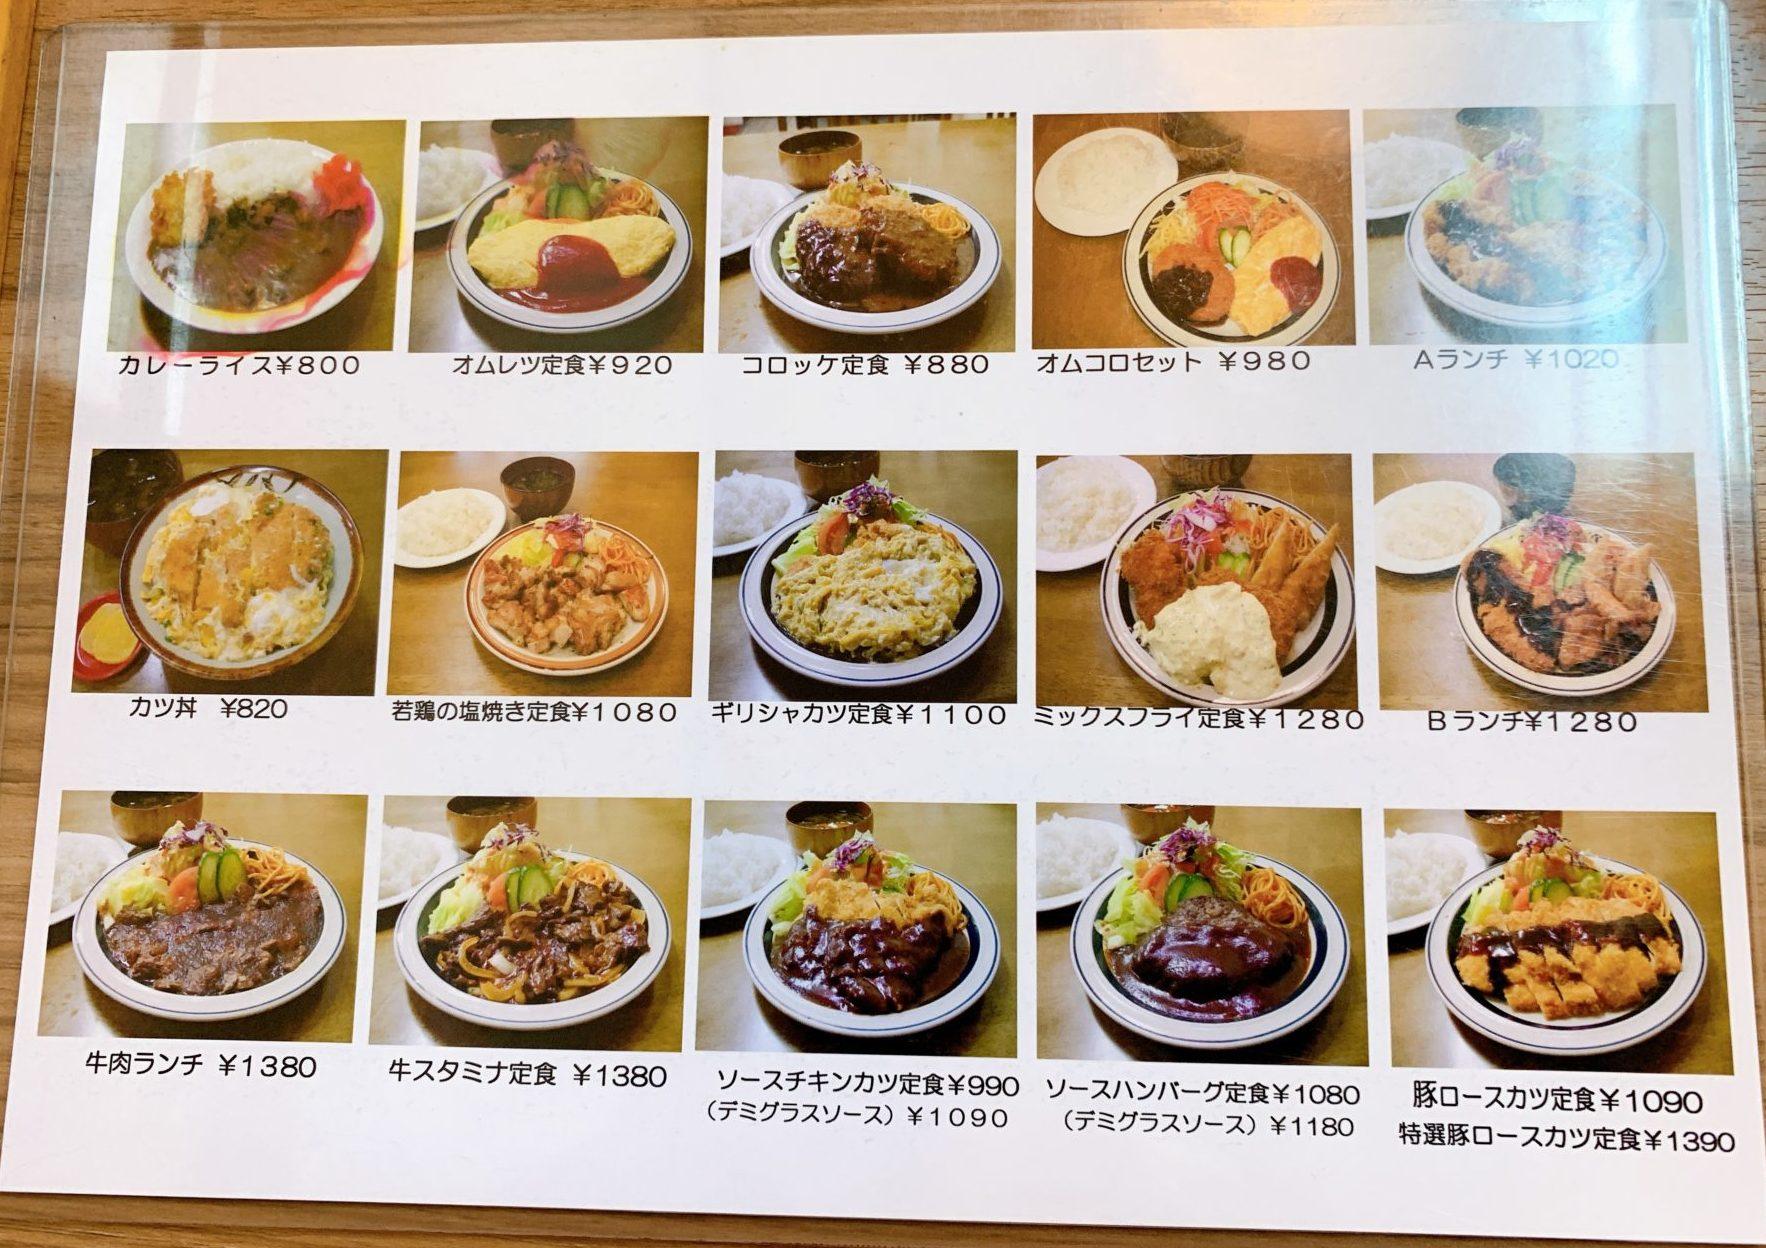 洋食のお店ブーン写真メニュー